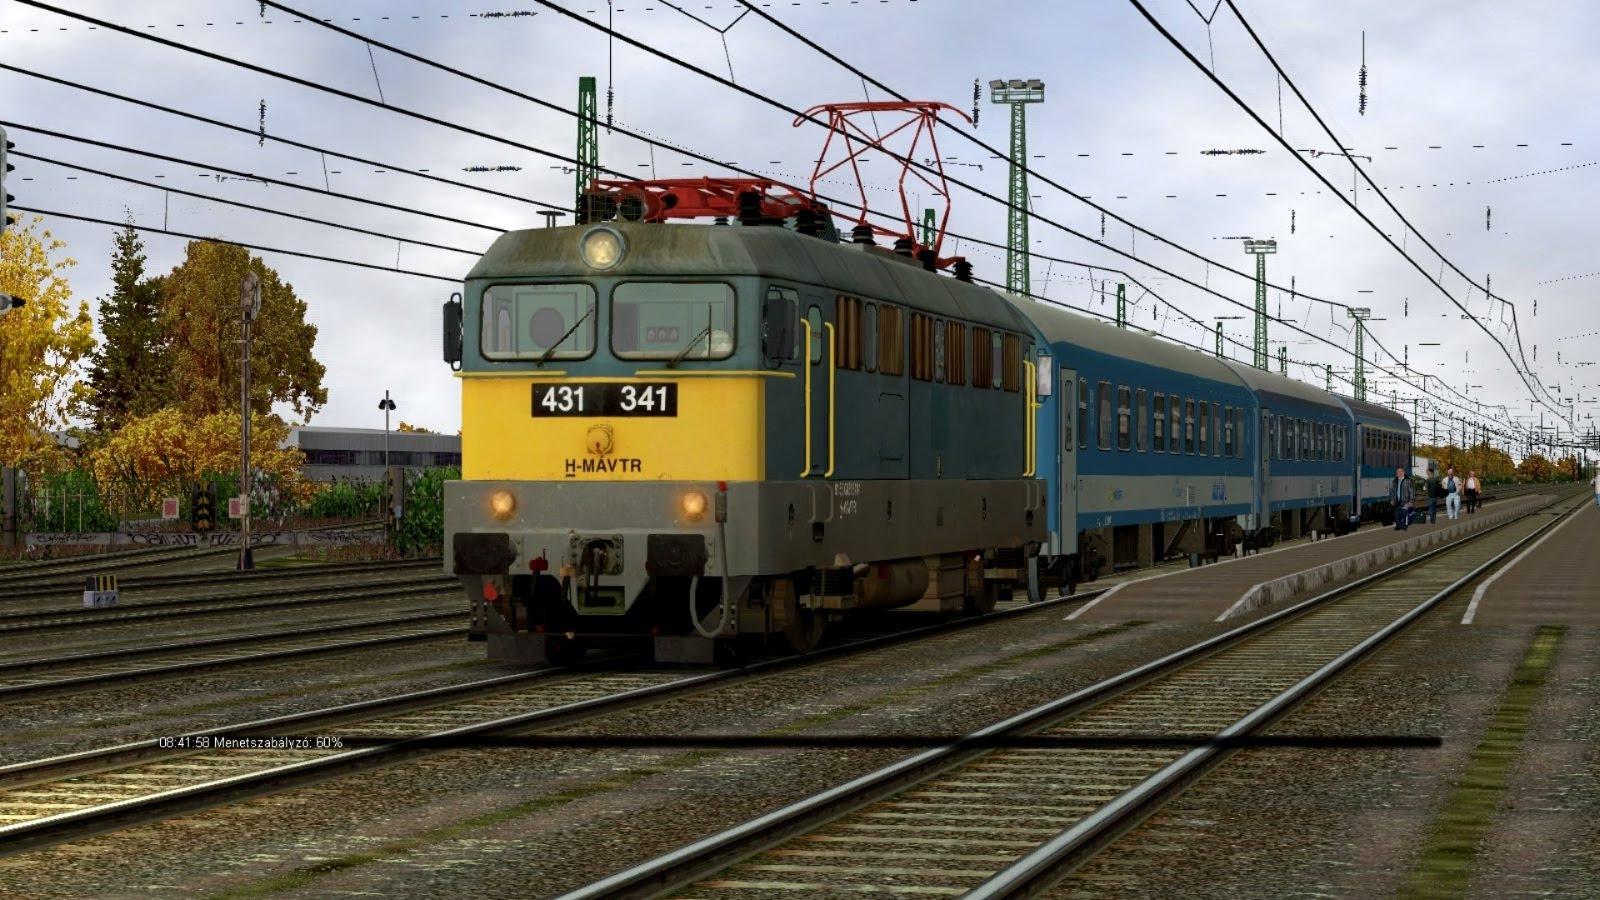 Vasutasokra támadt egy jegy nélküli utas egy nyíregyházi vonaton